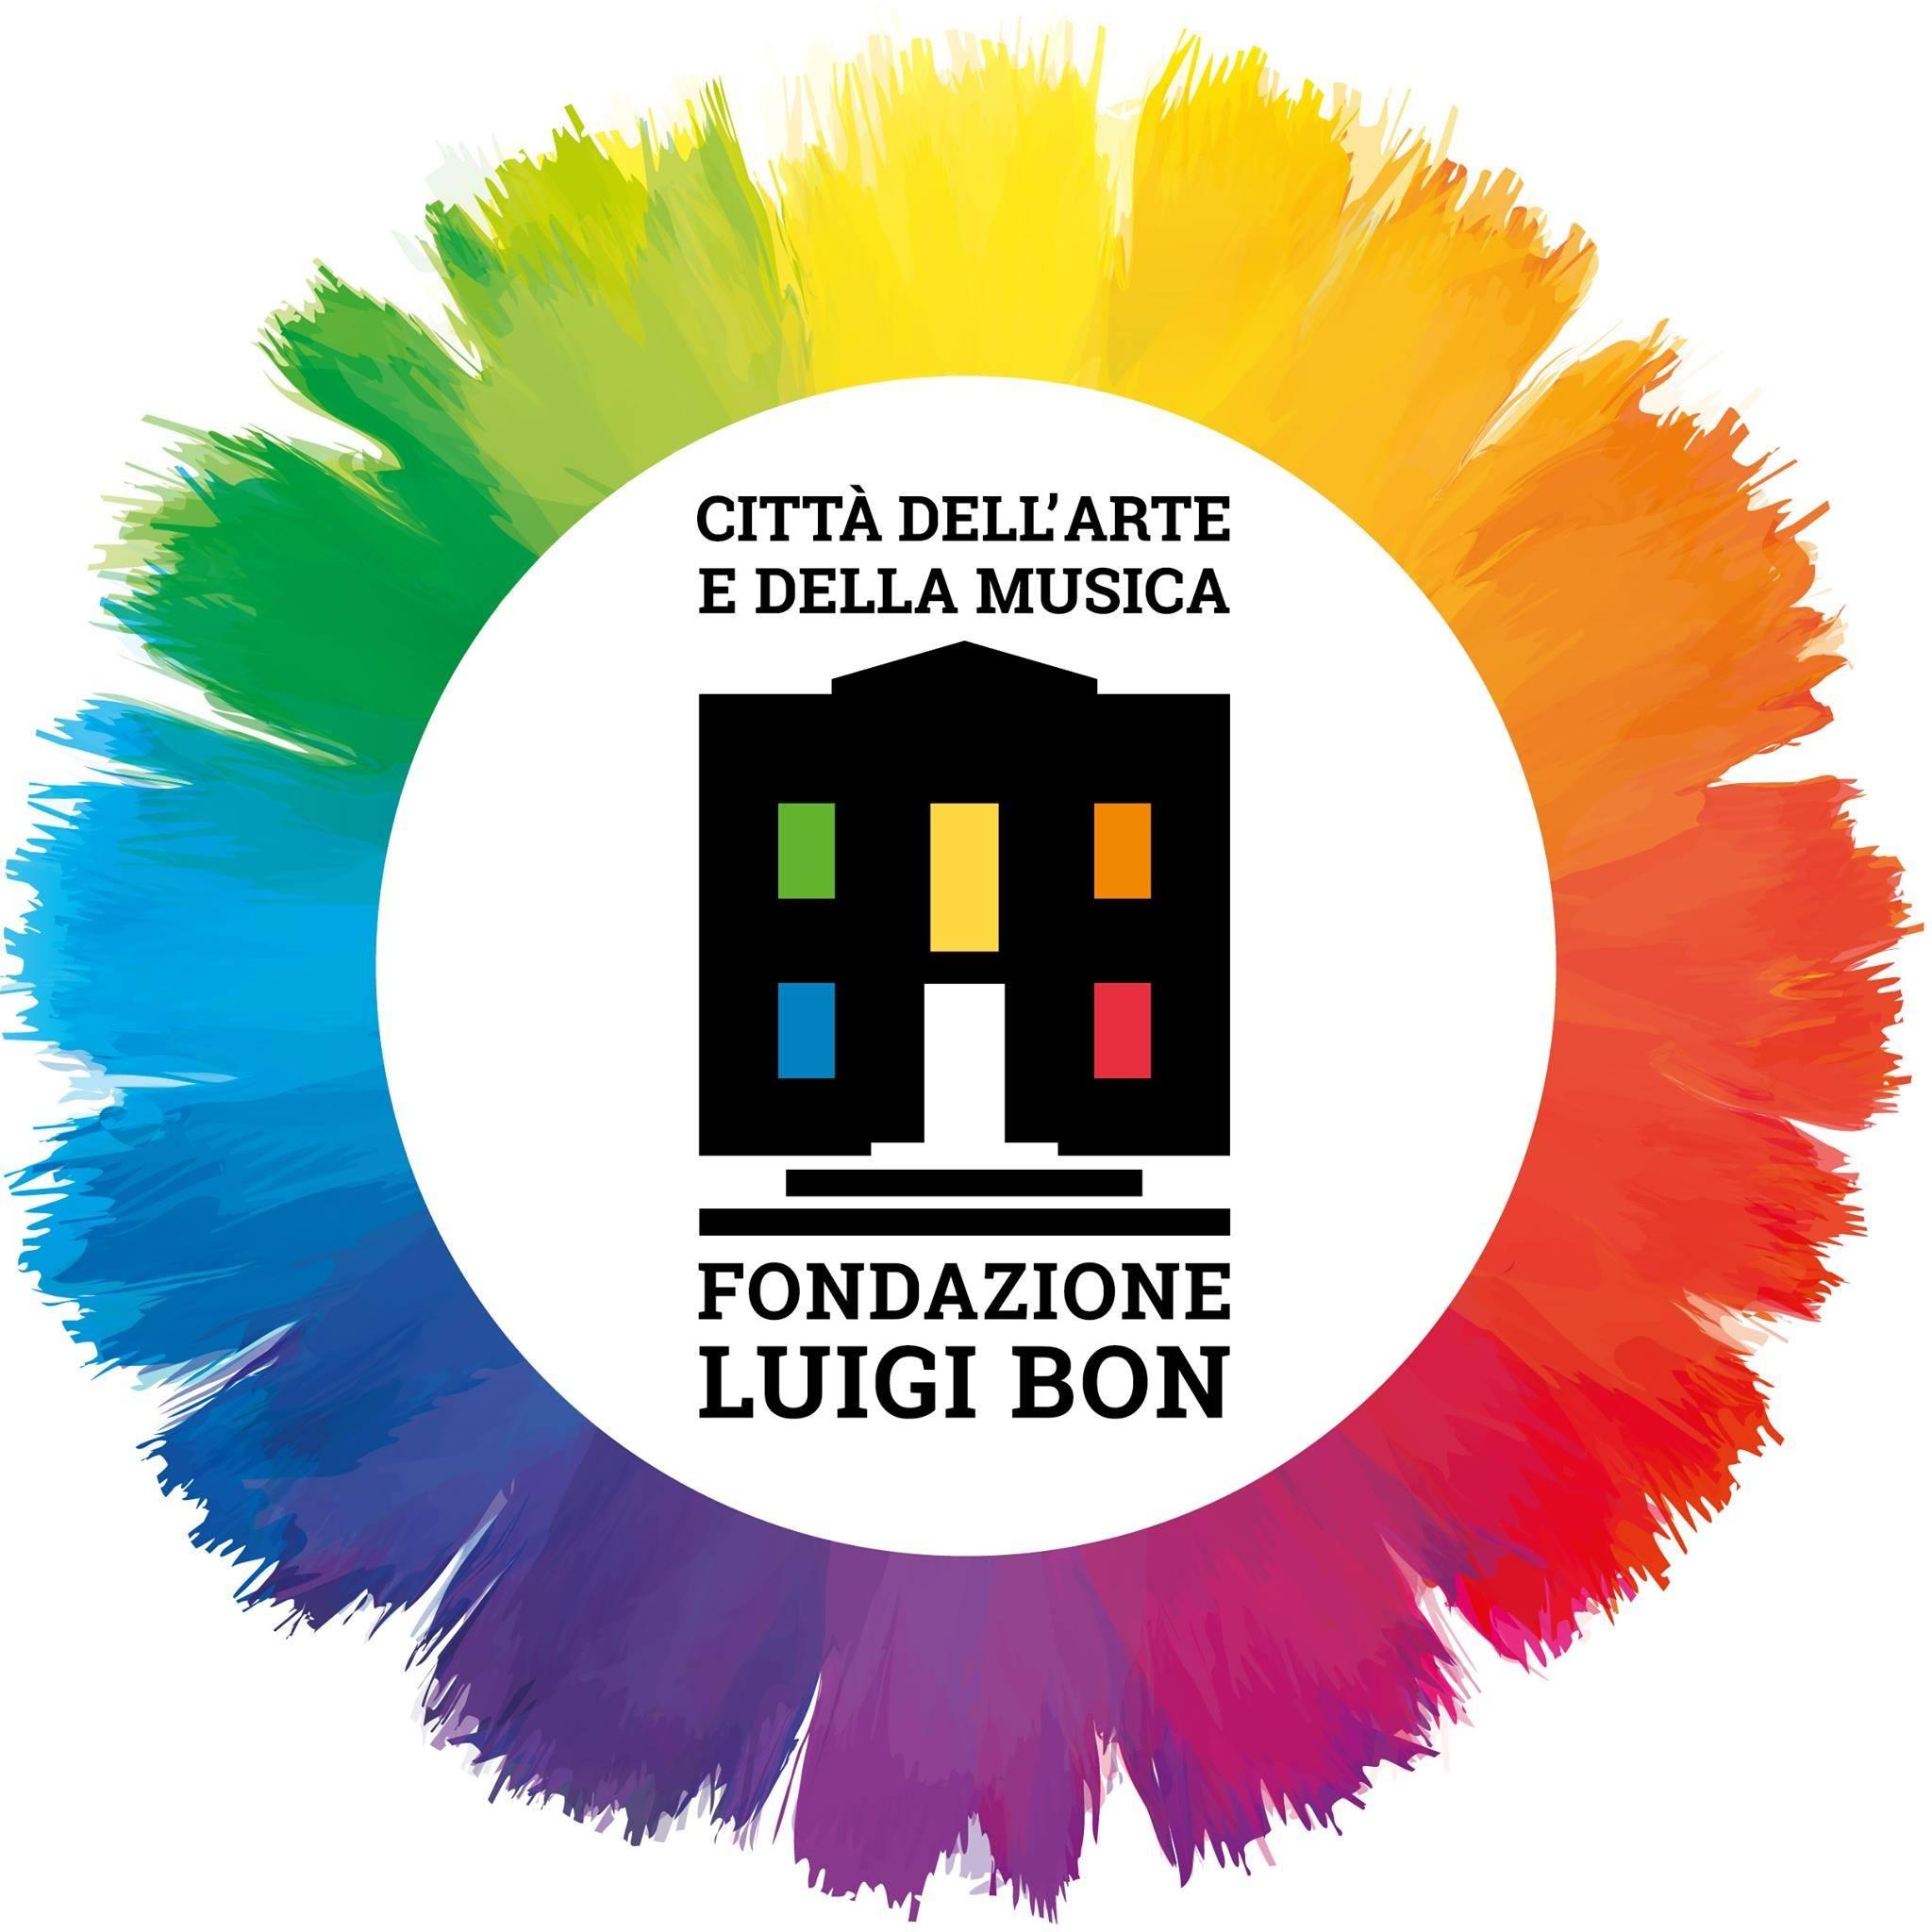 Teatro Fondazione Luigi Bon